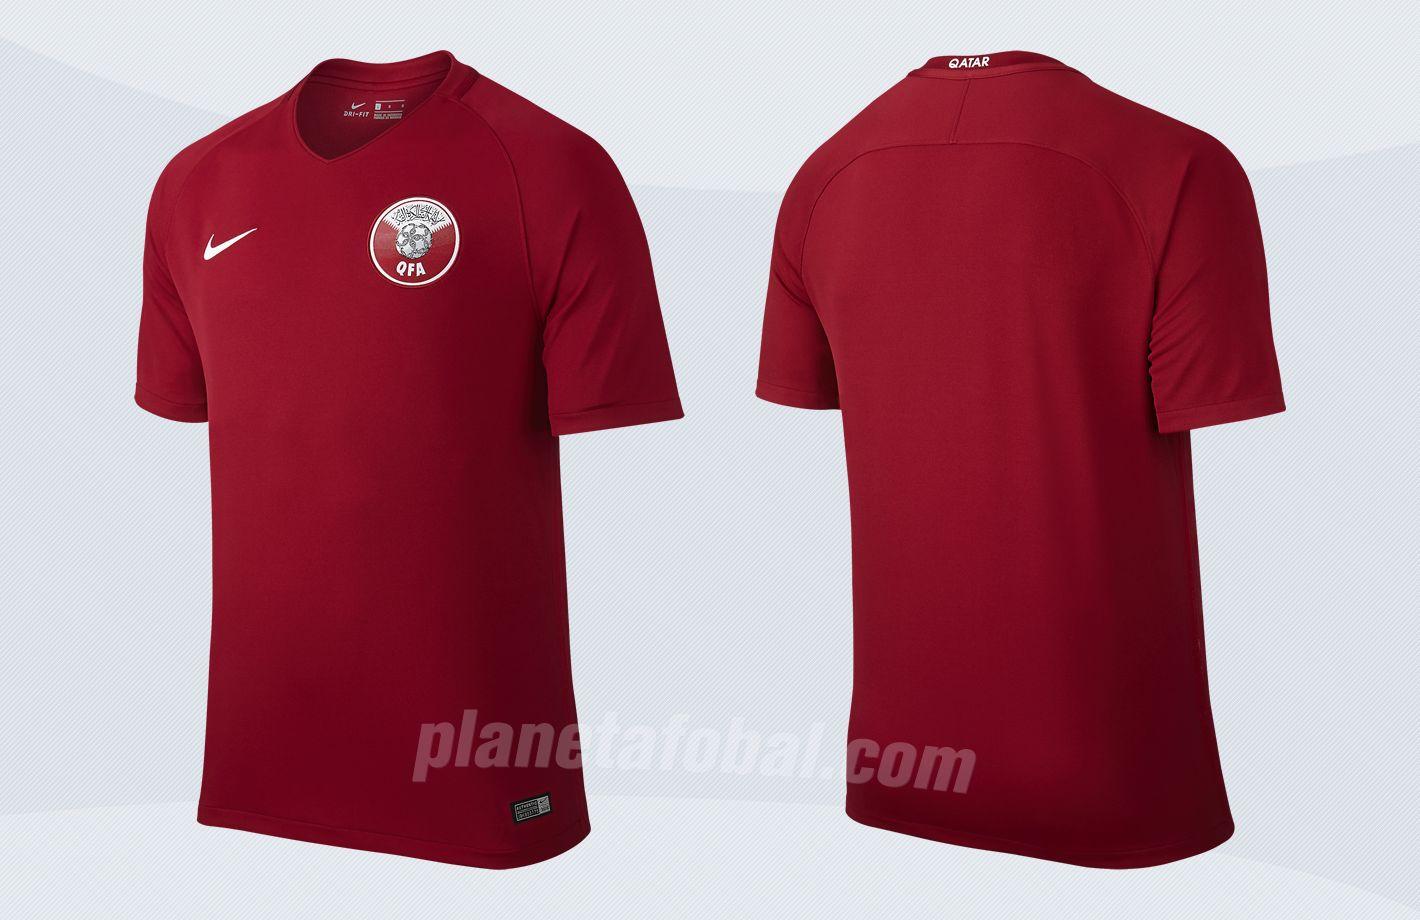 Nueva camiseta de Catar | Imágenes Nike